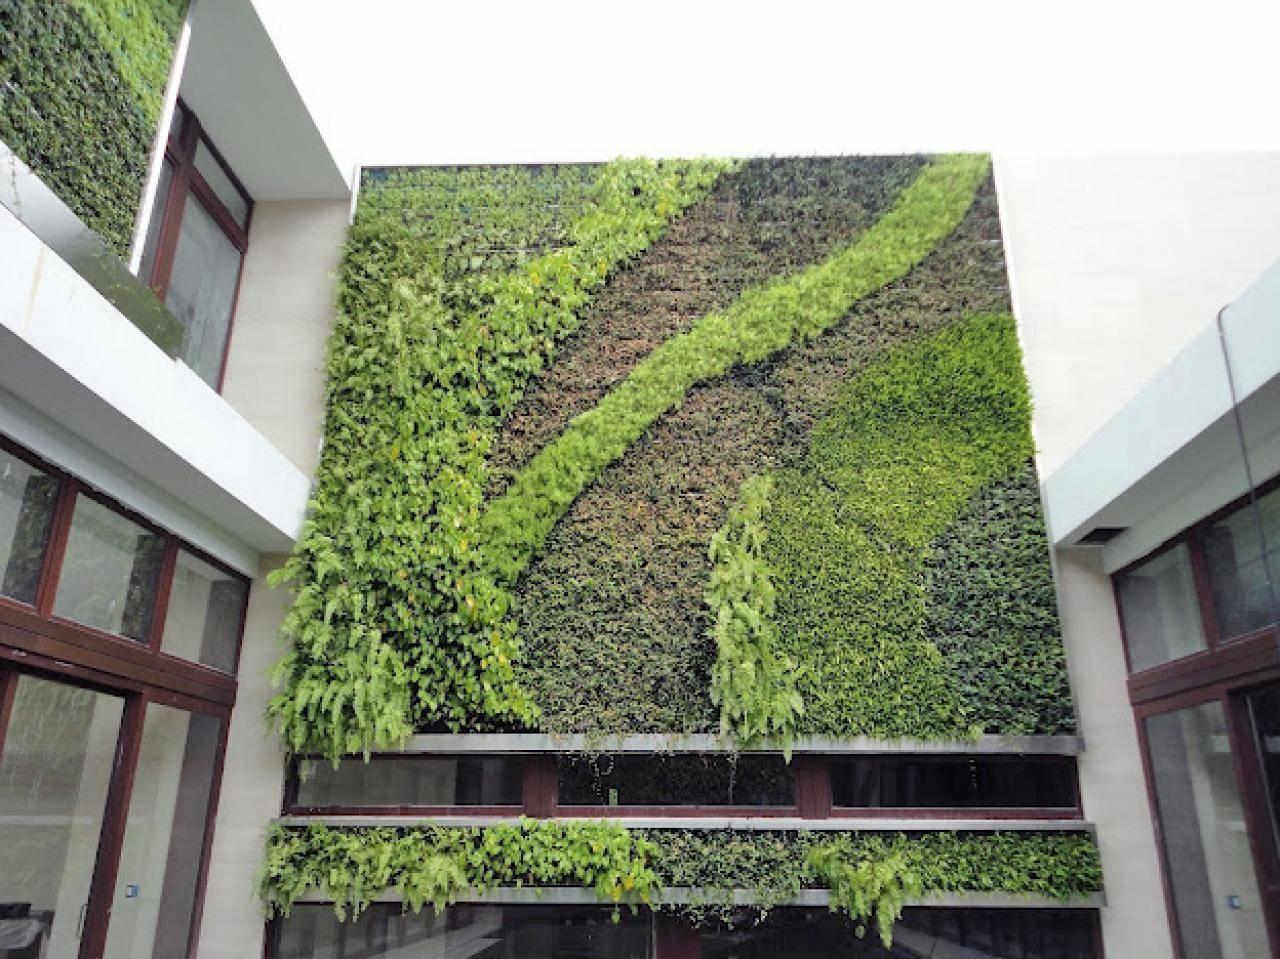 Art: Modern Outdoor Wall Art Regarding Newest Modern Outdoor Wall Art (View 3 of 20)